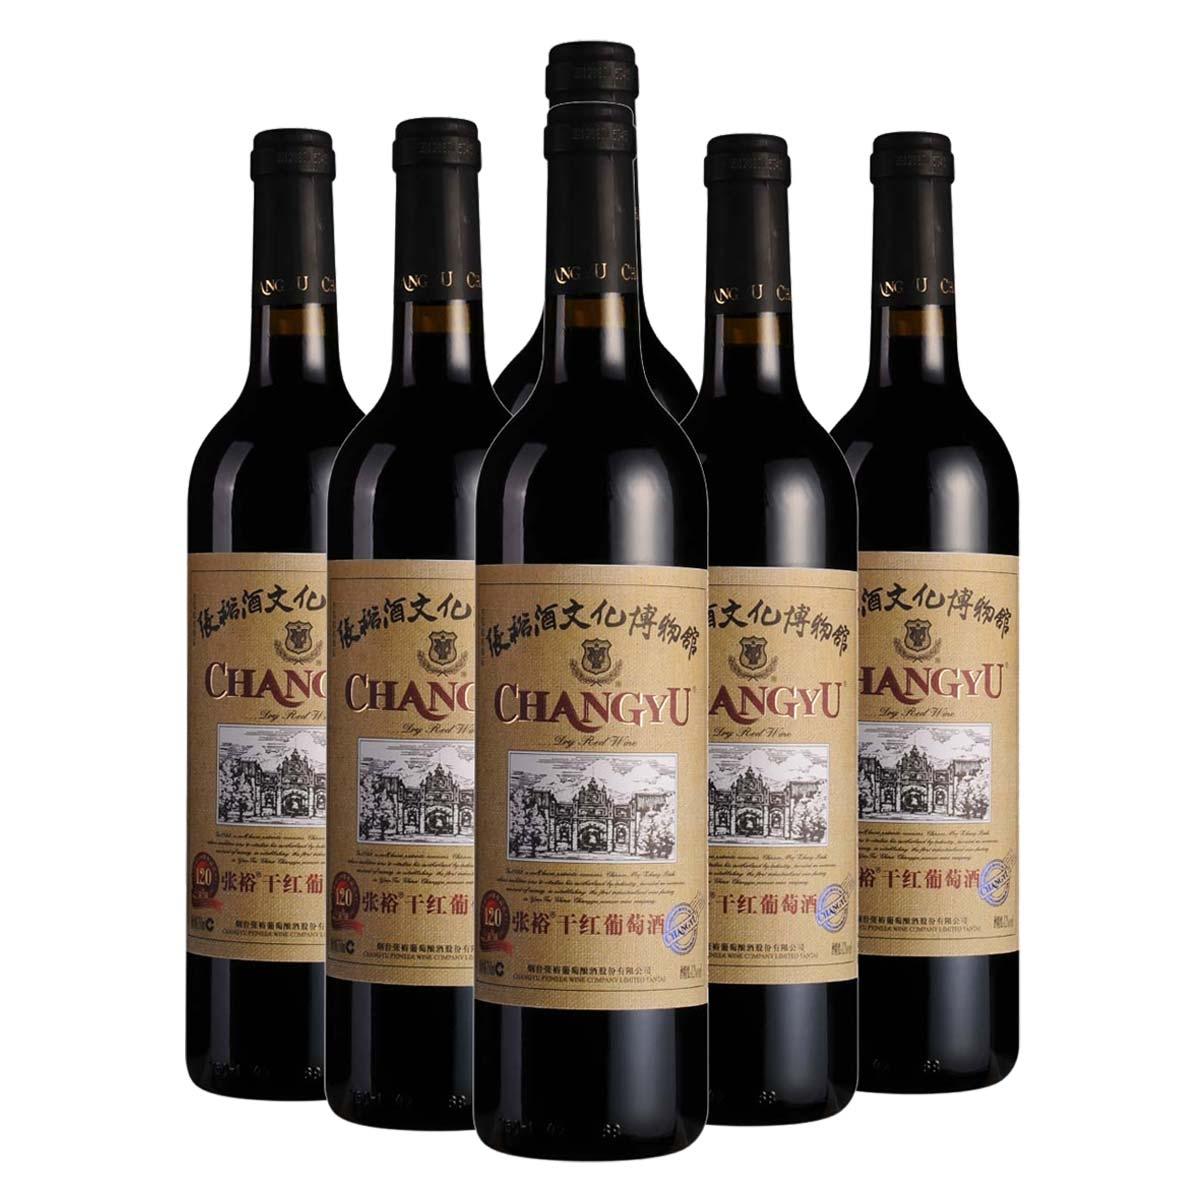 中国张裕馆藏干红葡萄酒(6瓶套装)